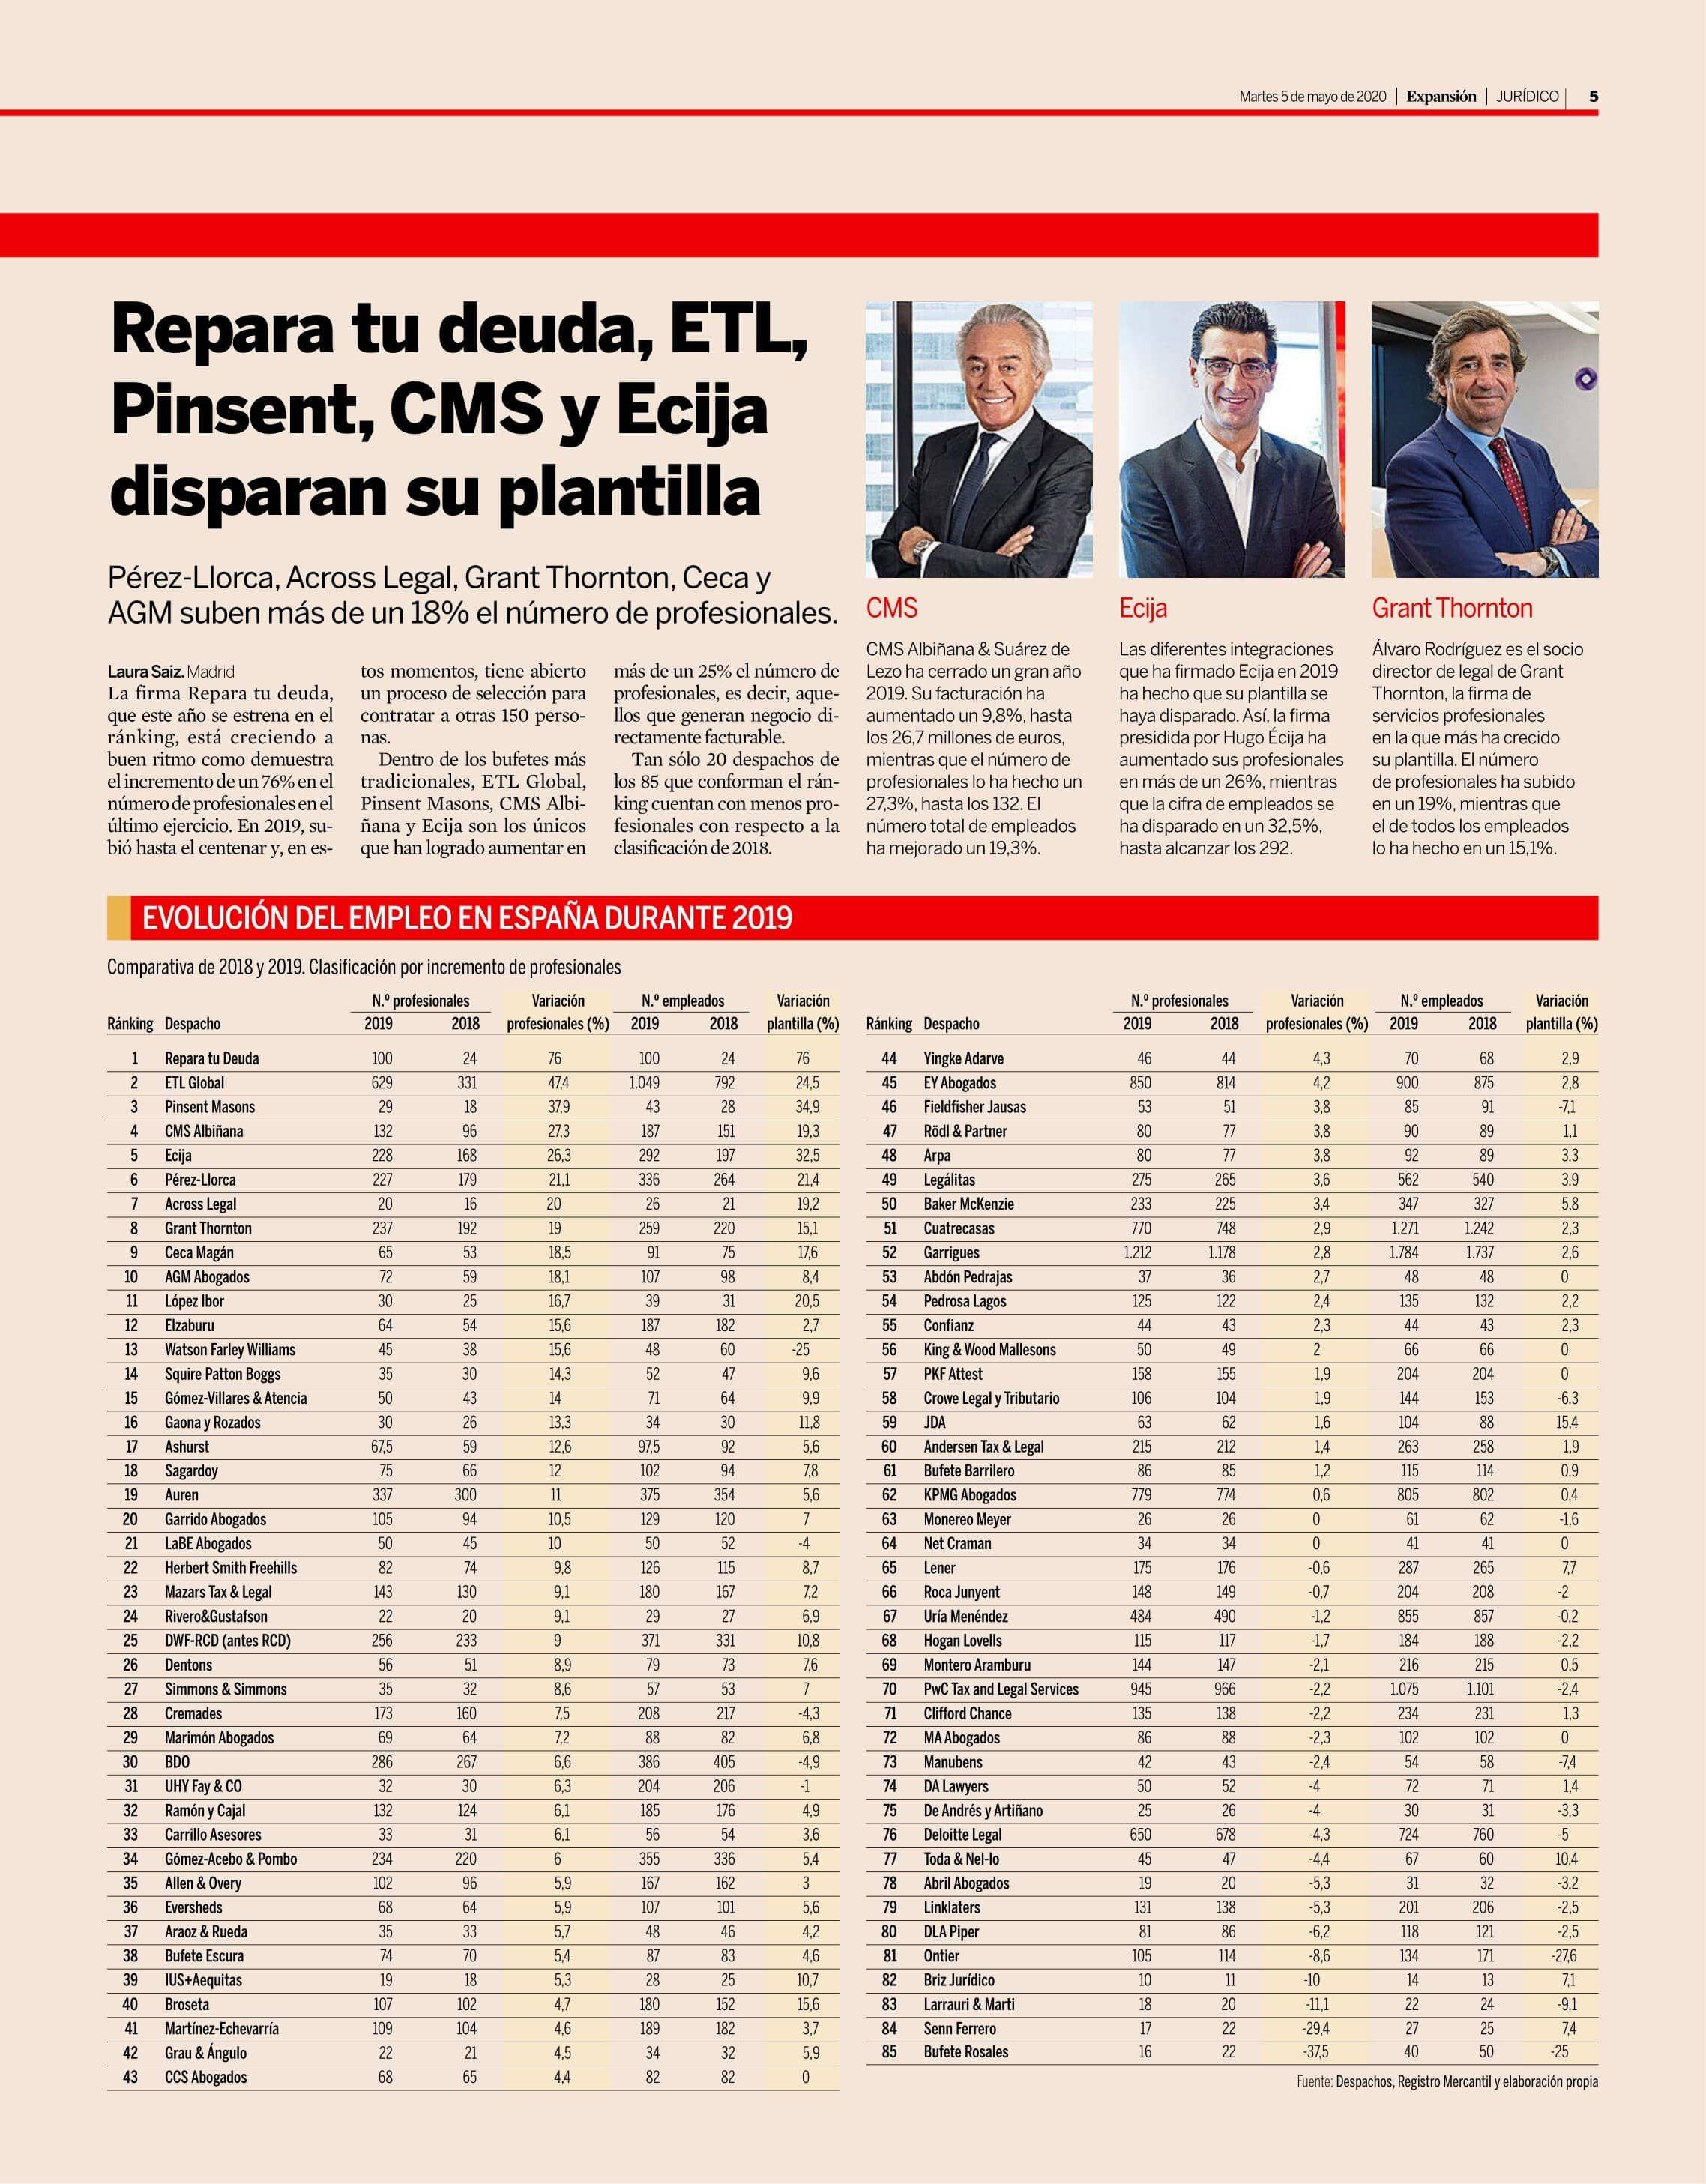 Foto de Repara tu deuda abogados, primera posición en el ranking de